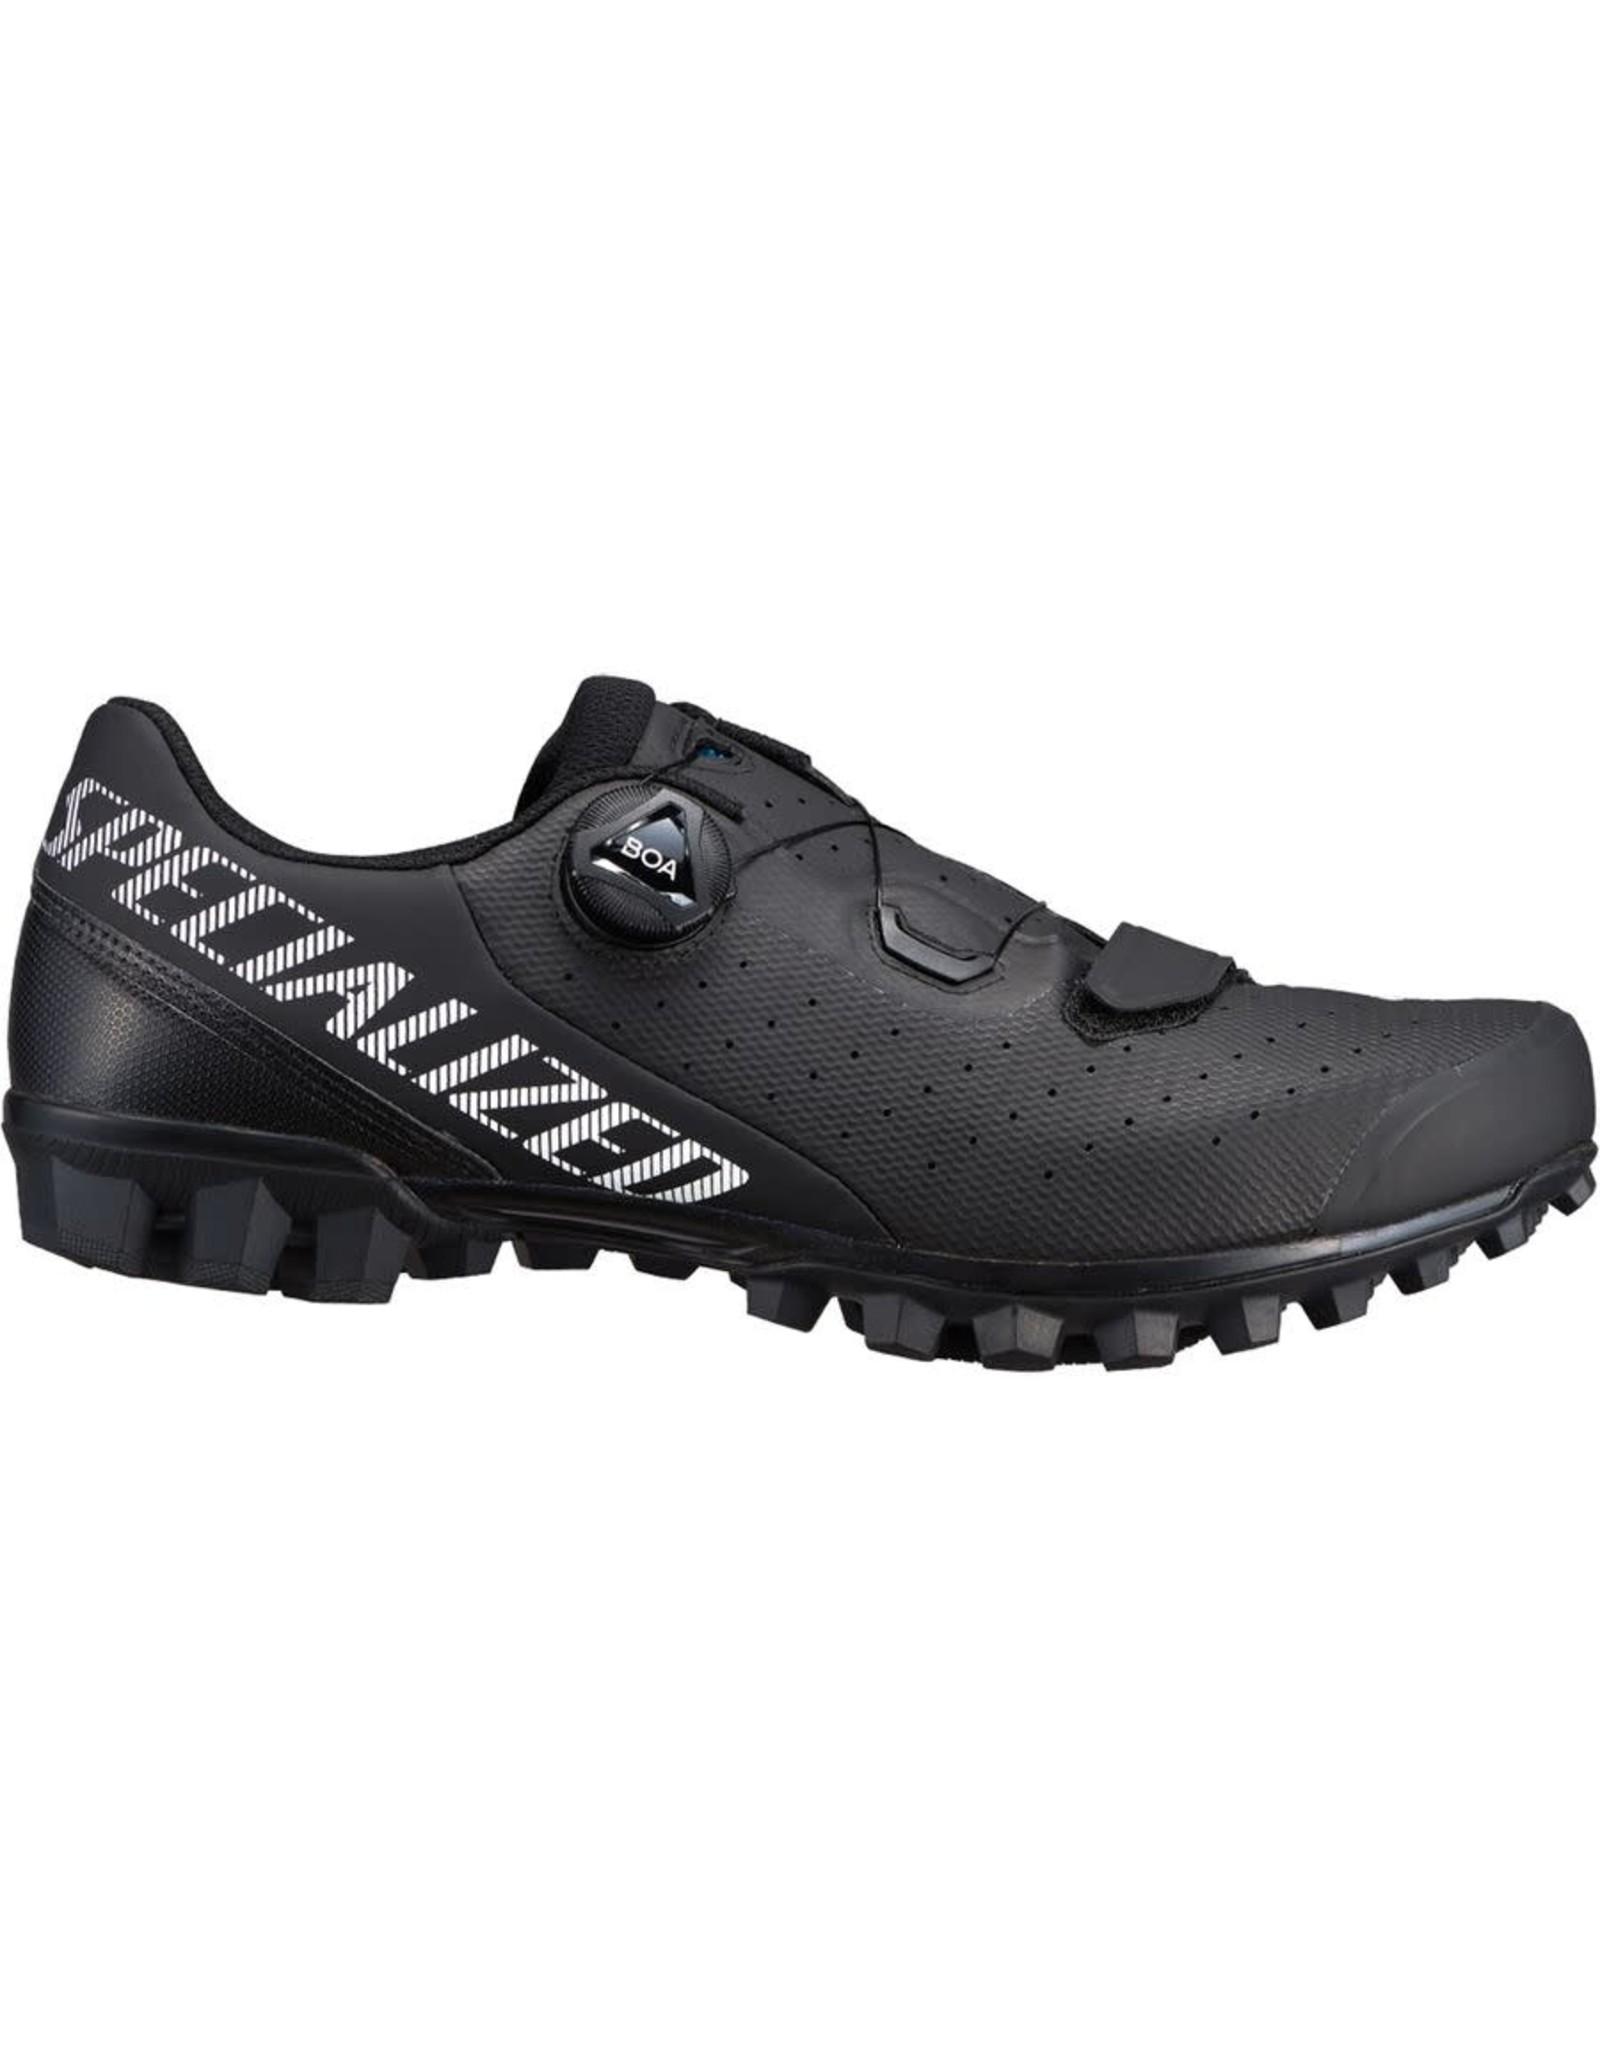 Specialized Shoe Spec Recon 2.0 Blk 44